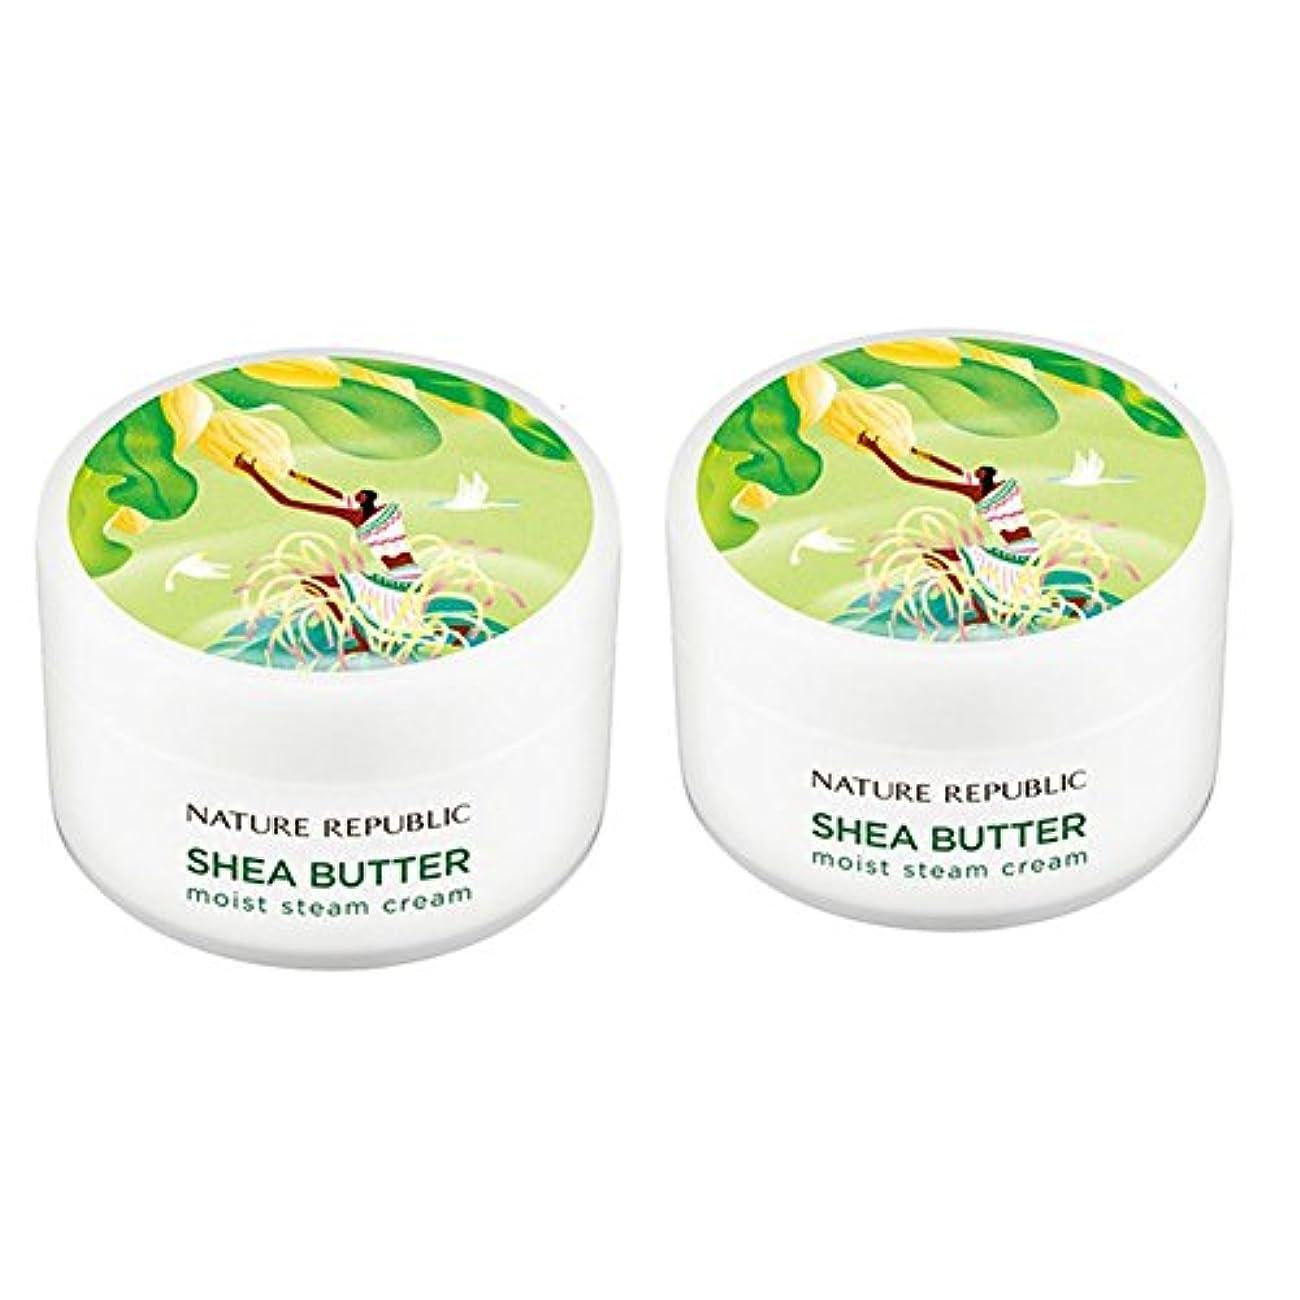 ぜいたく別に規制するネイチャーリパブリック(NATURE REPUBLIC)シェアバターモイストスチームクリーム100mlx 2本セット NATURE REPUBLIC Shea Butter Moist Steam Cream 100mlx...